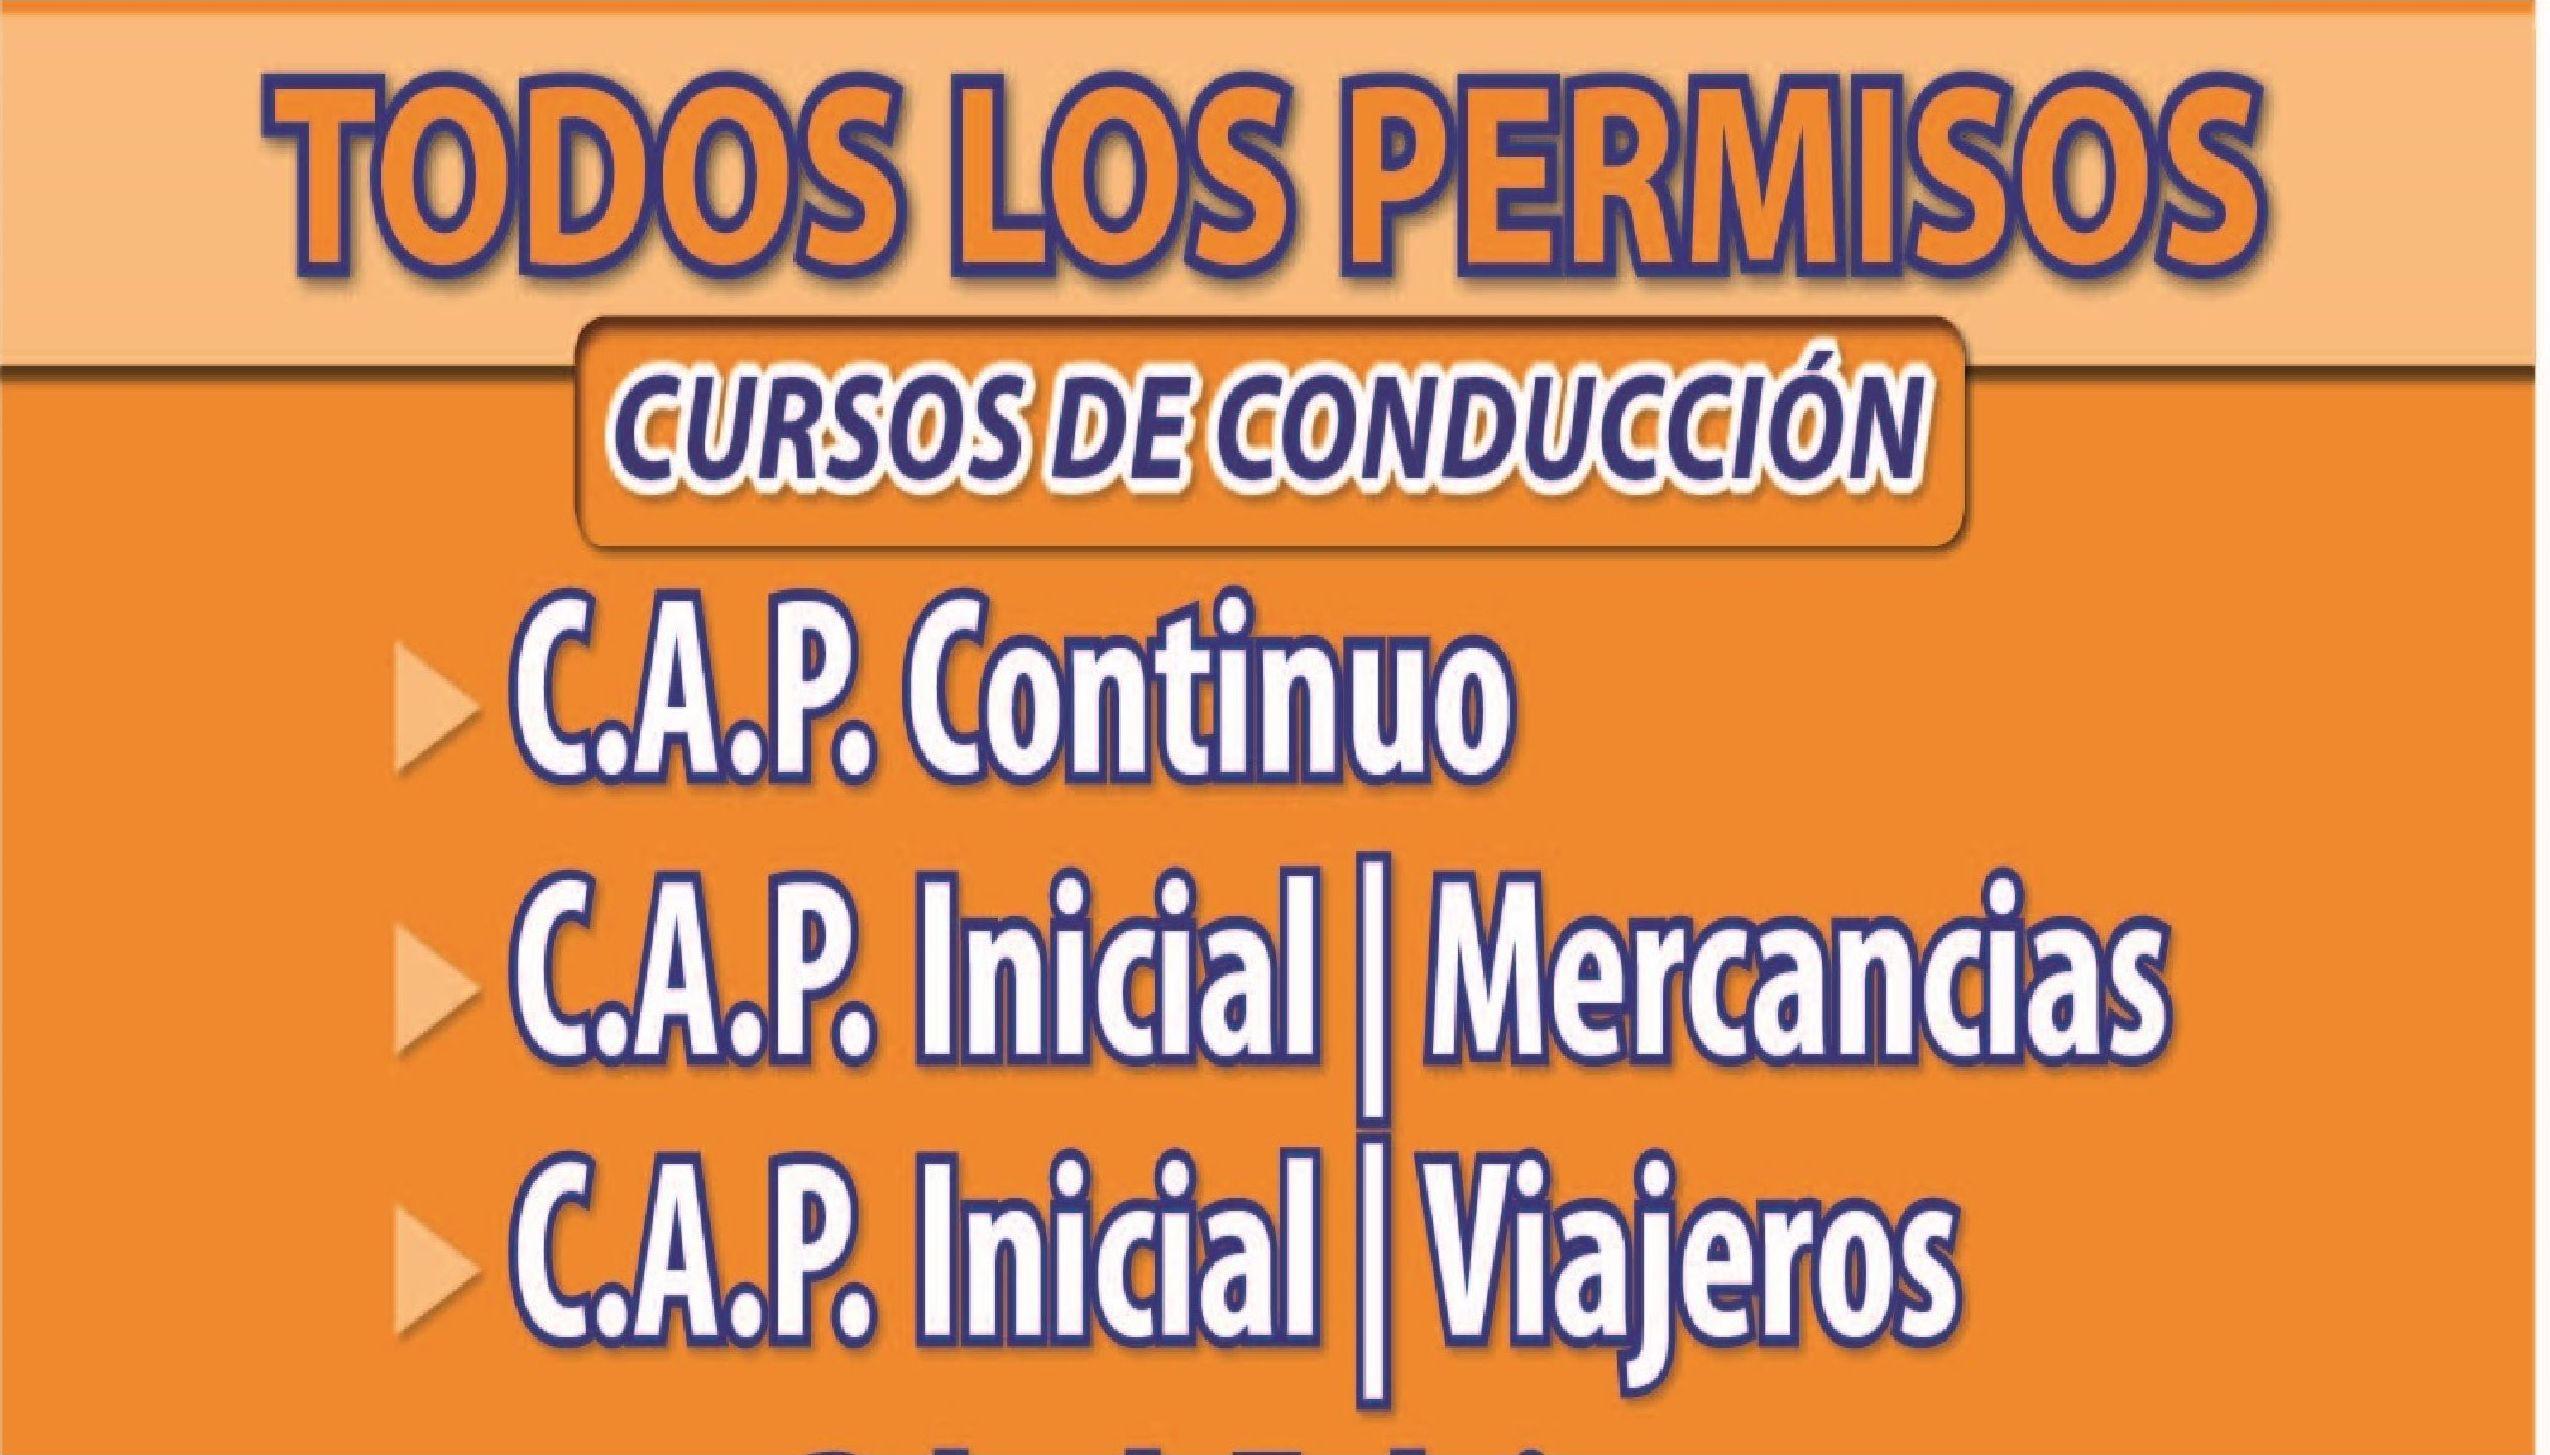 PROXIMO CURSO DEL CAP INICIAL MERCANCIAS Y VIAJEROS